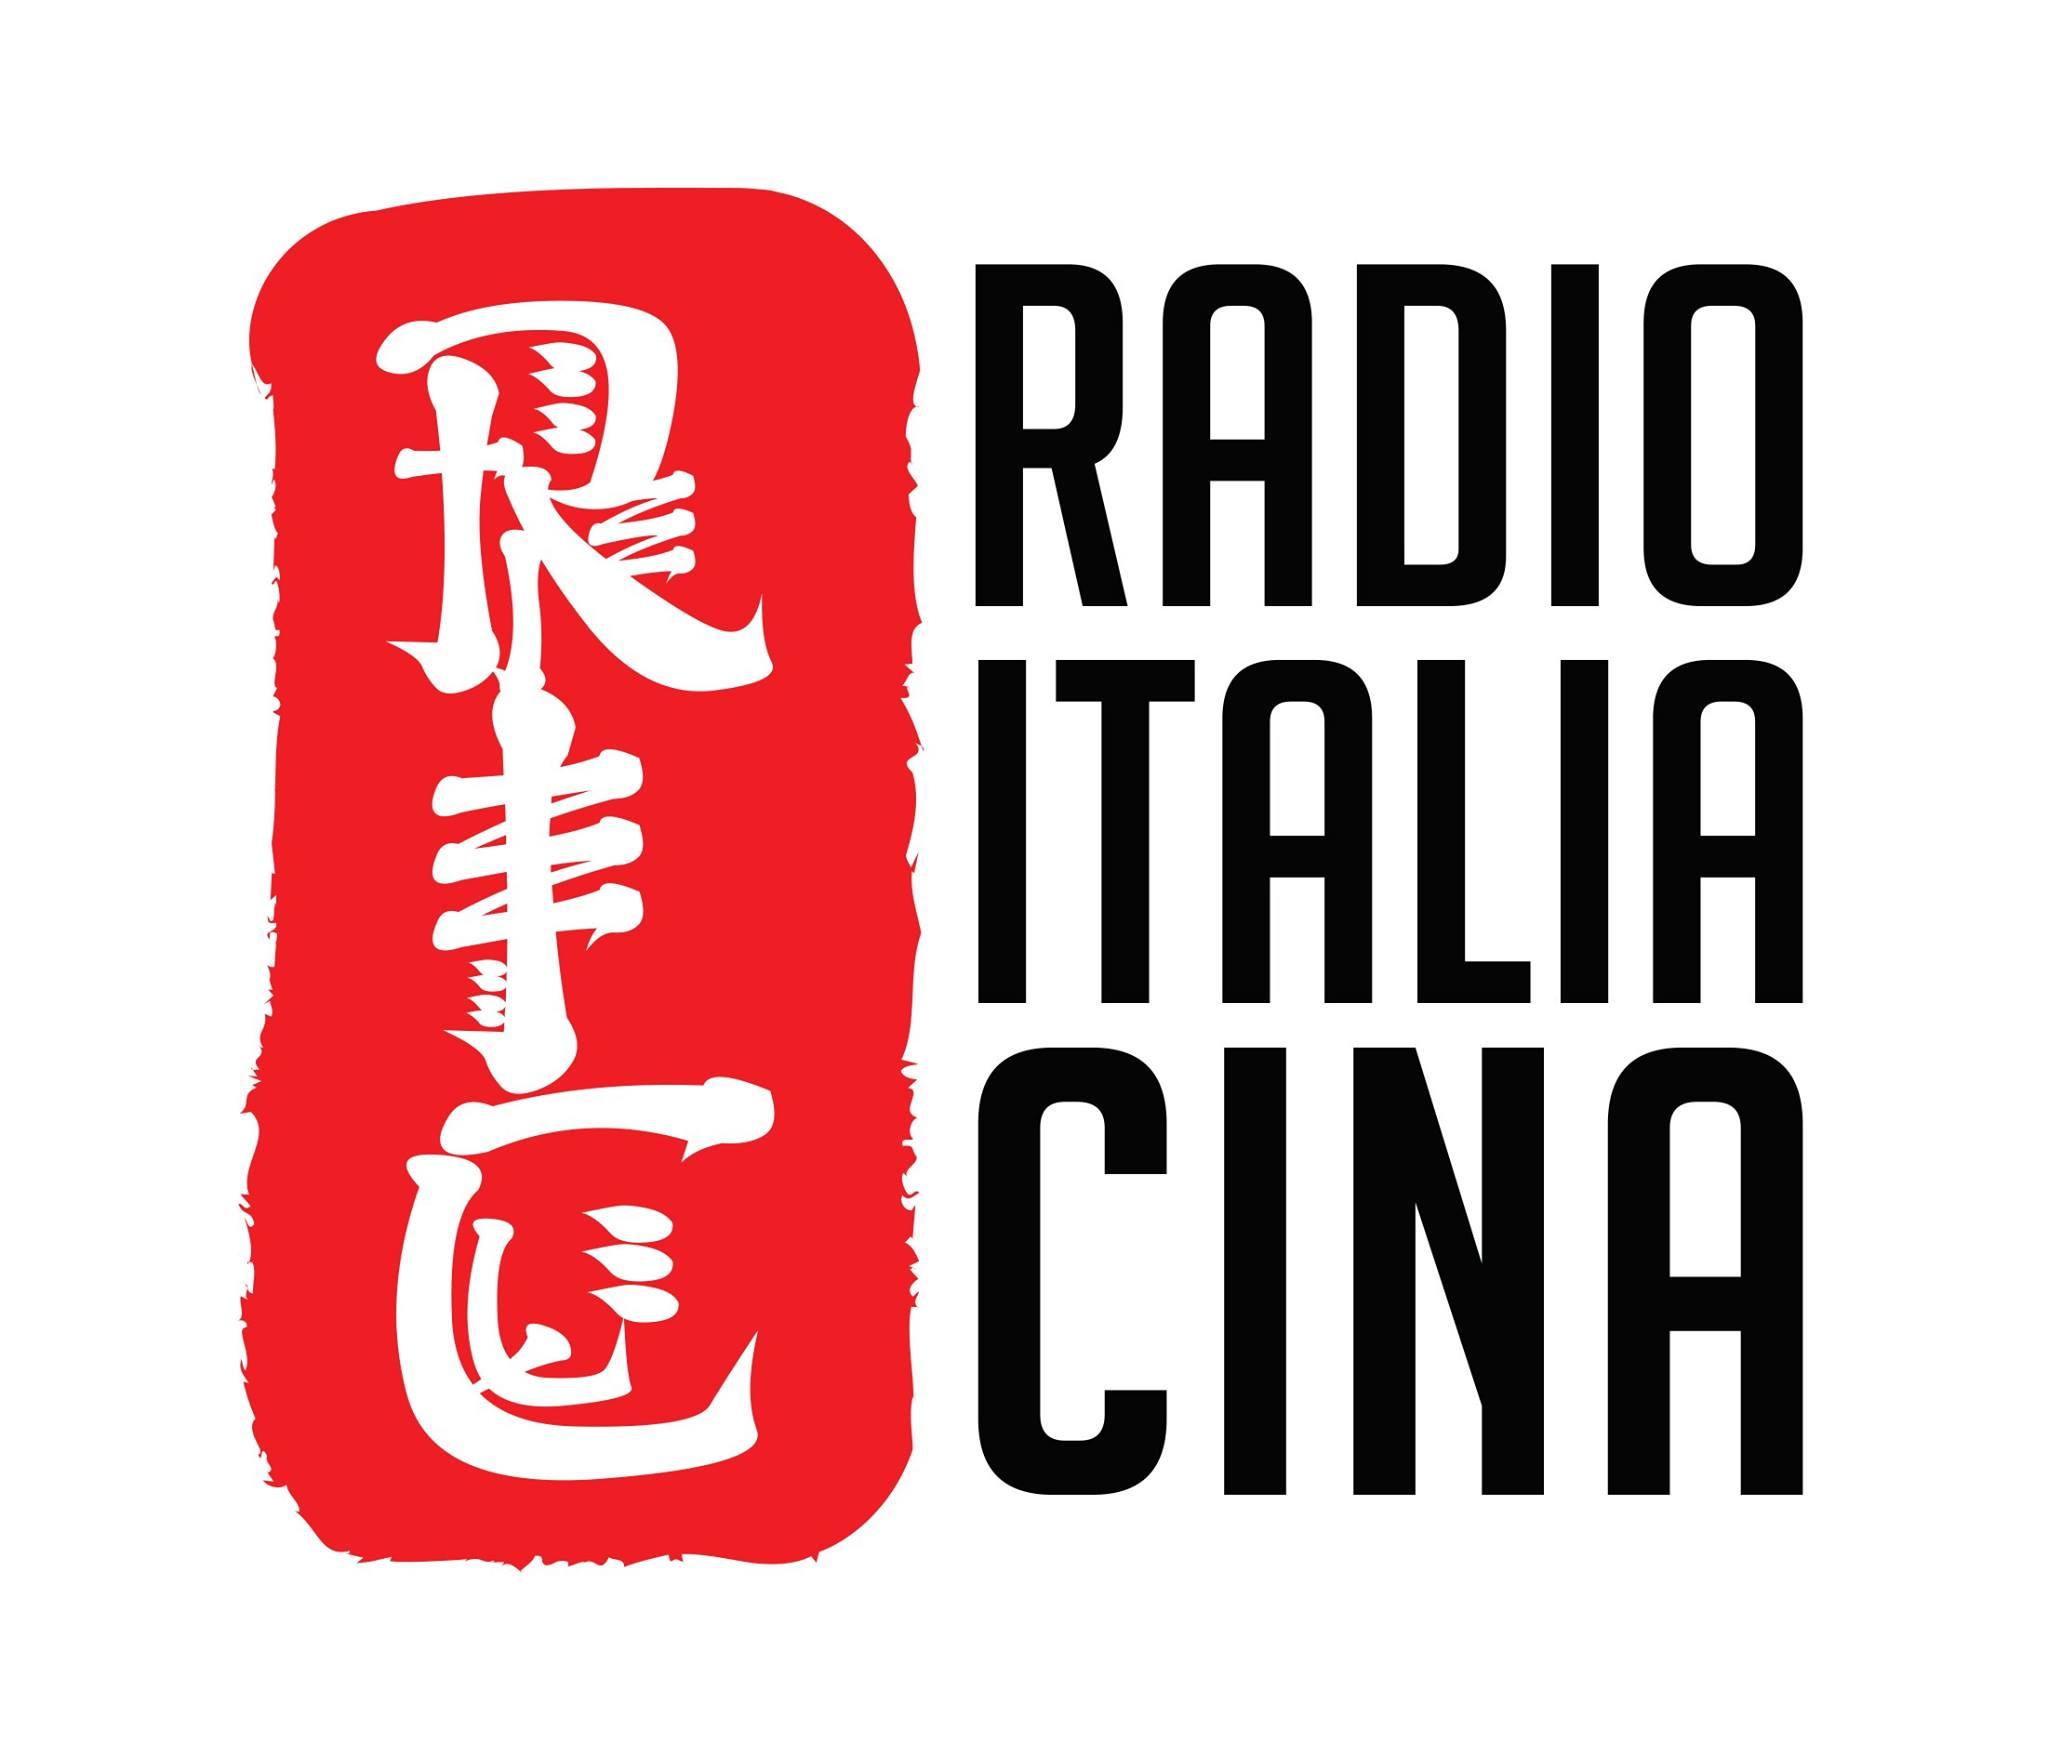 Italia Cina